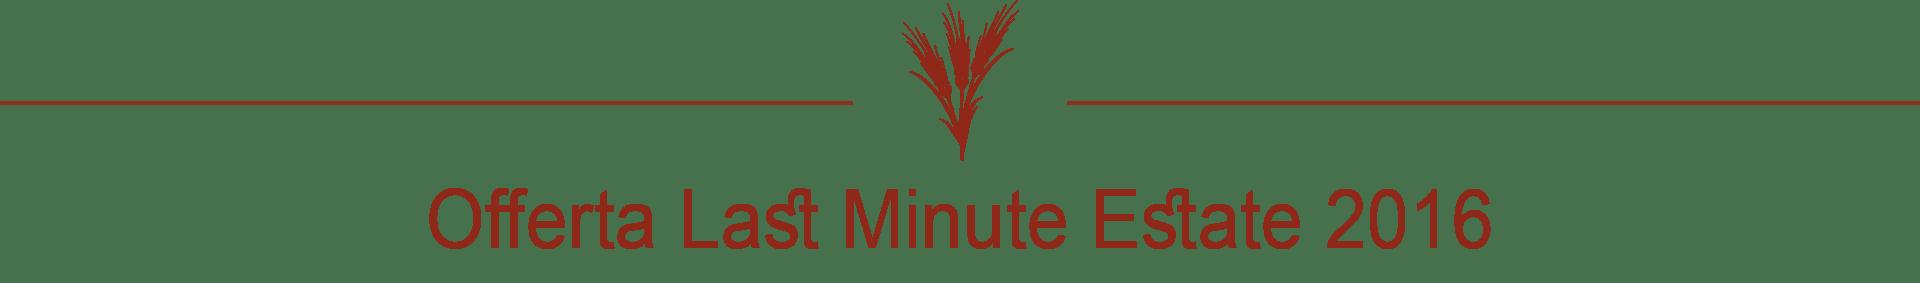 offerta-last-minute-titolo